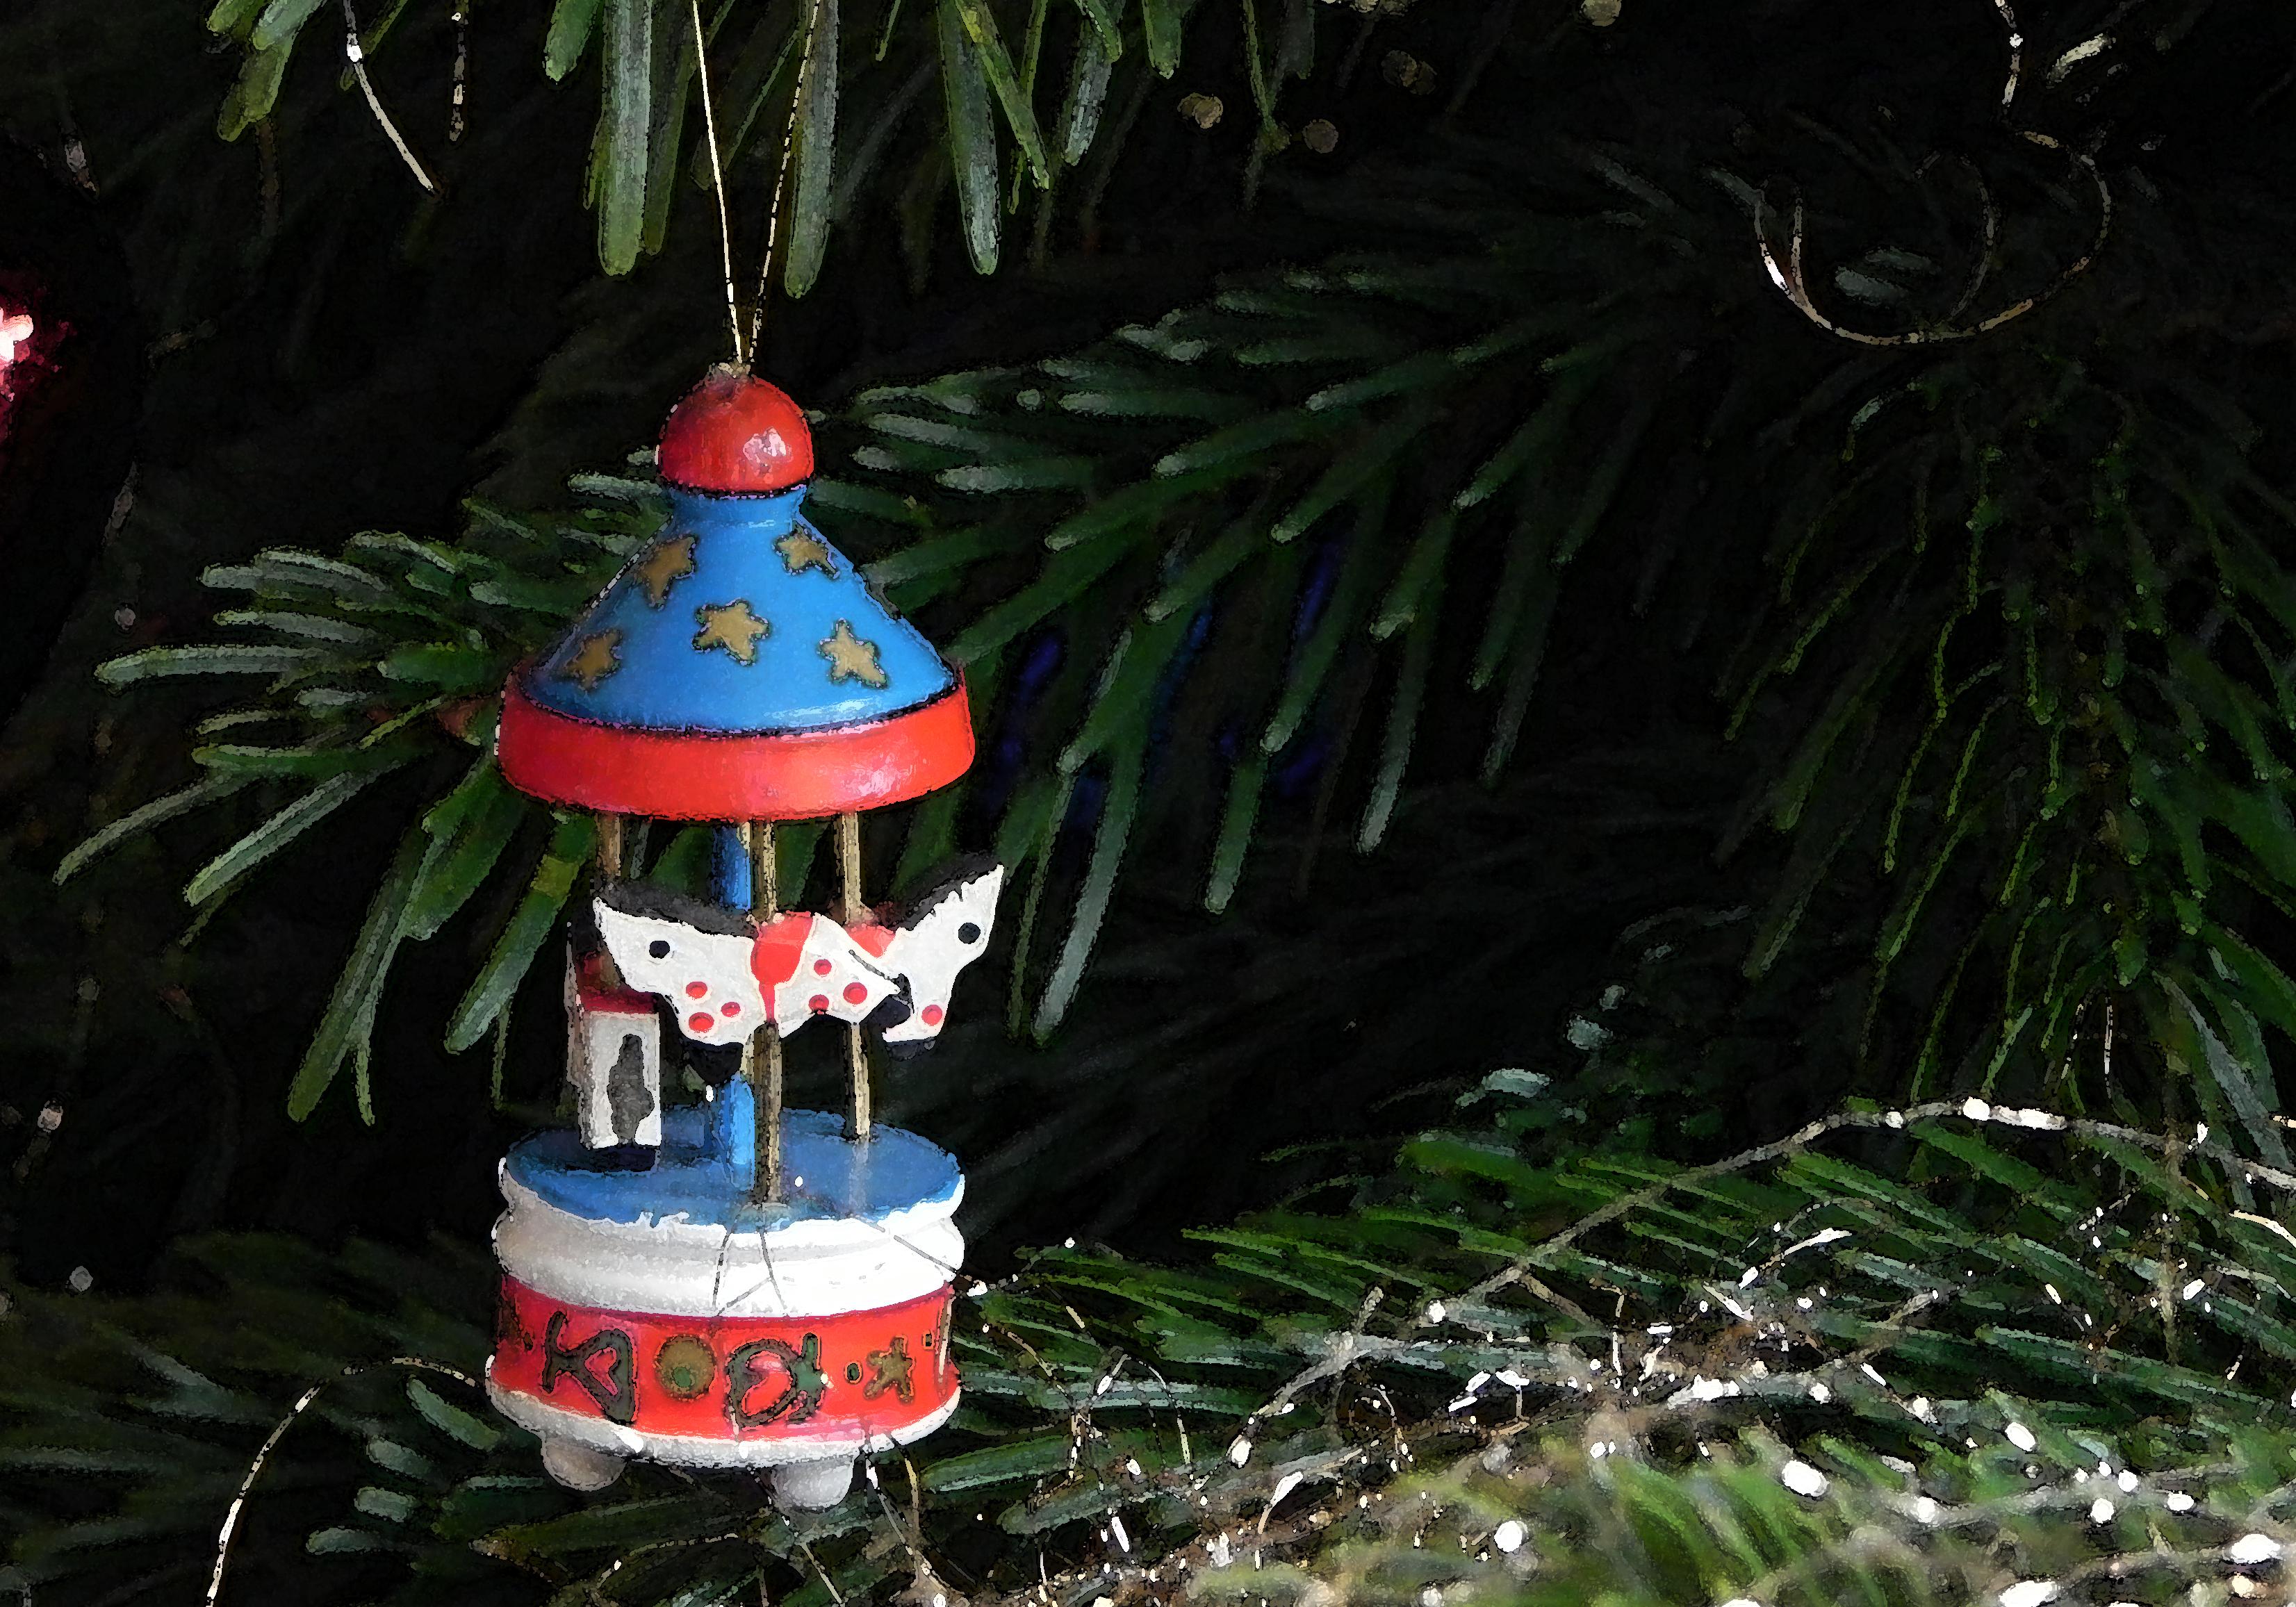 Ein Karussell am Weihnachtsbaum